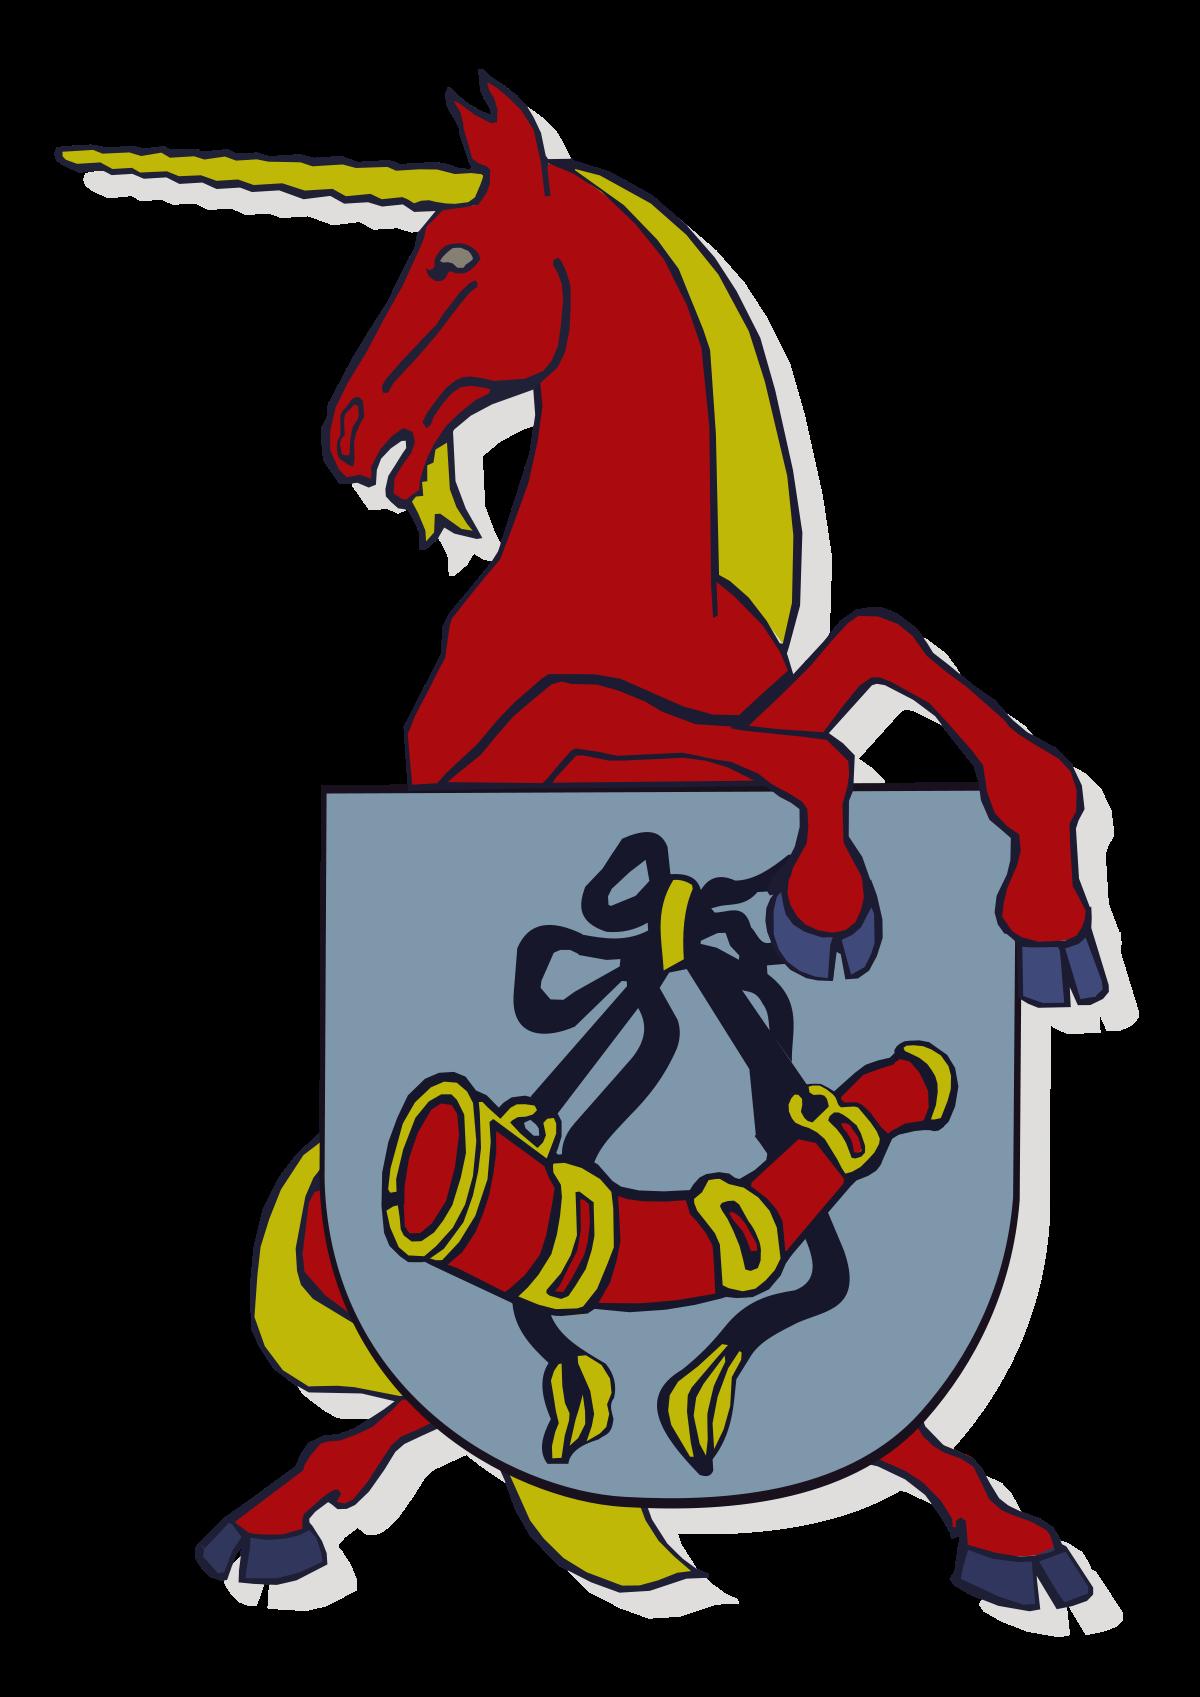 Coat of arms of Hoorn.